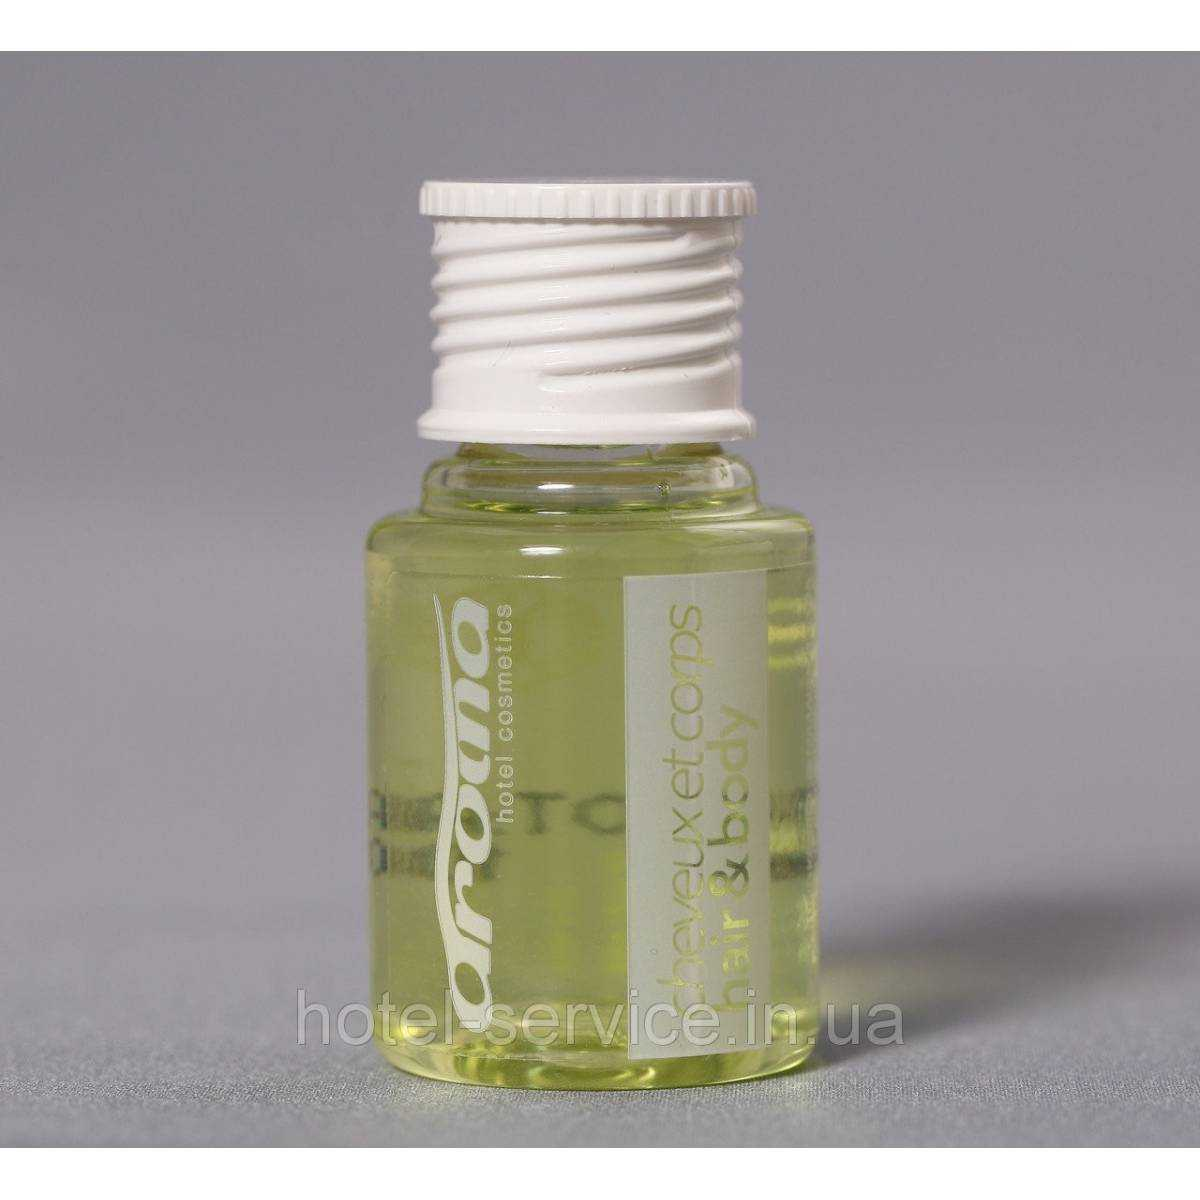 Гель для волос и тела 20 мл (Lime & Melon) 55020 Hygiene Vision